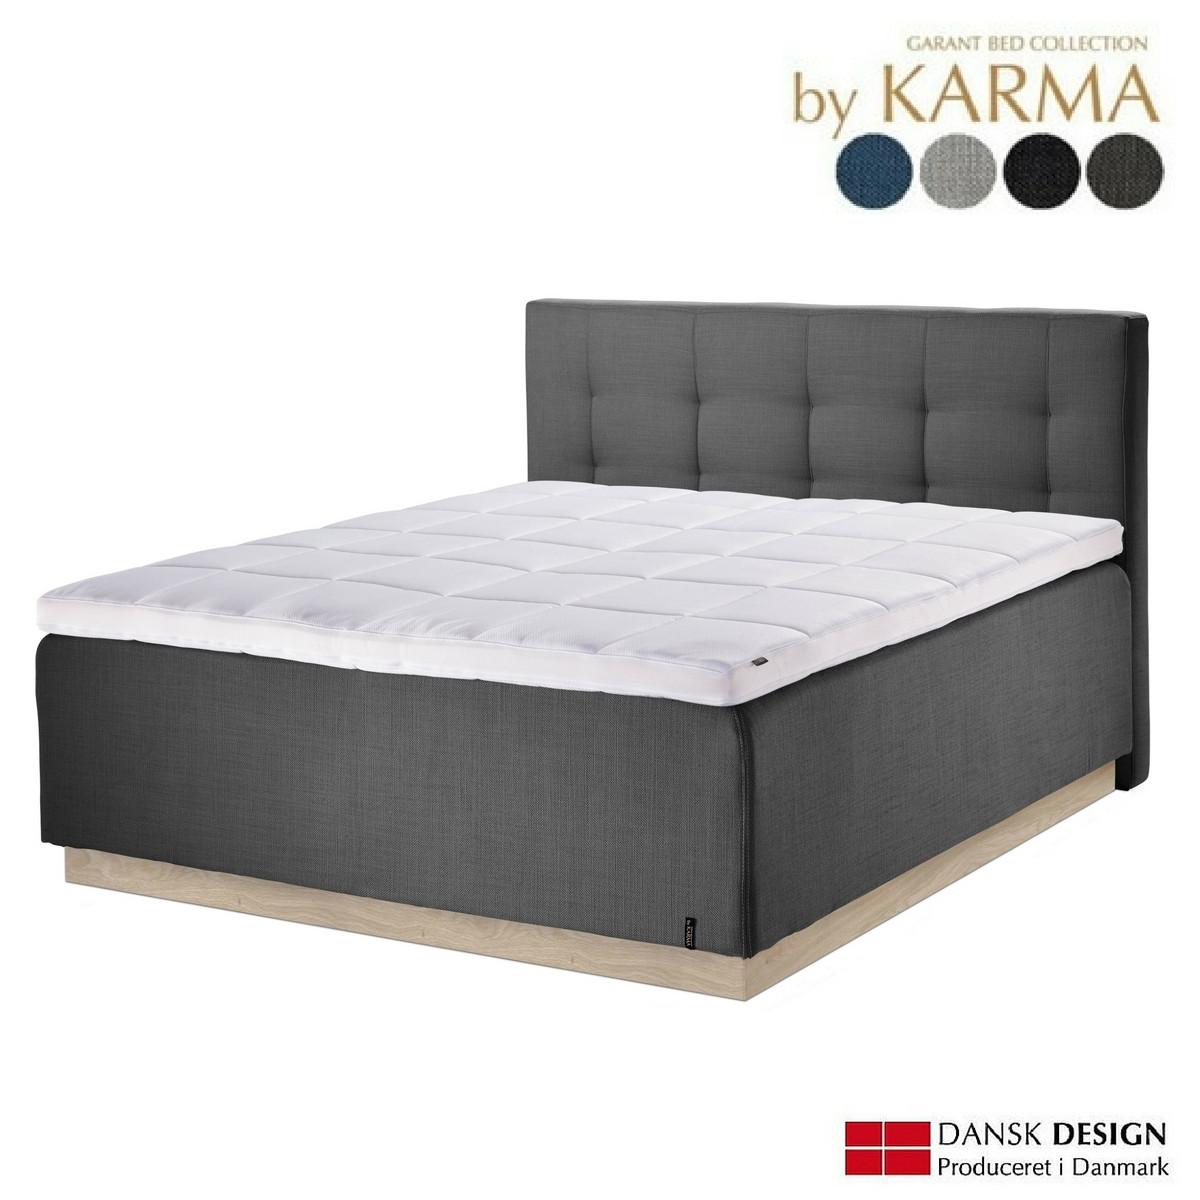 kontinental seng by KARMA lux Høj Kontinentalseng full cover kontinental seng